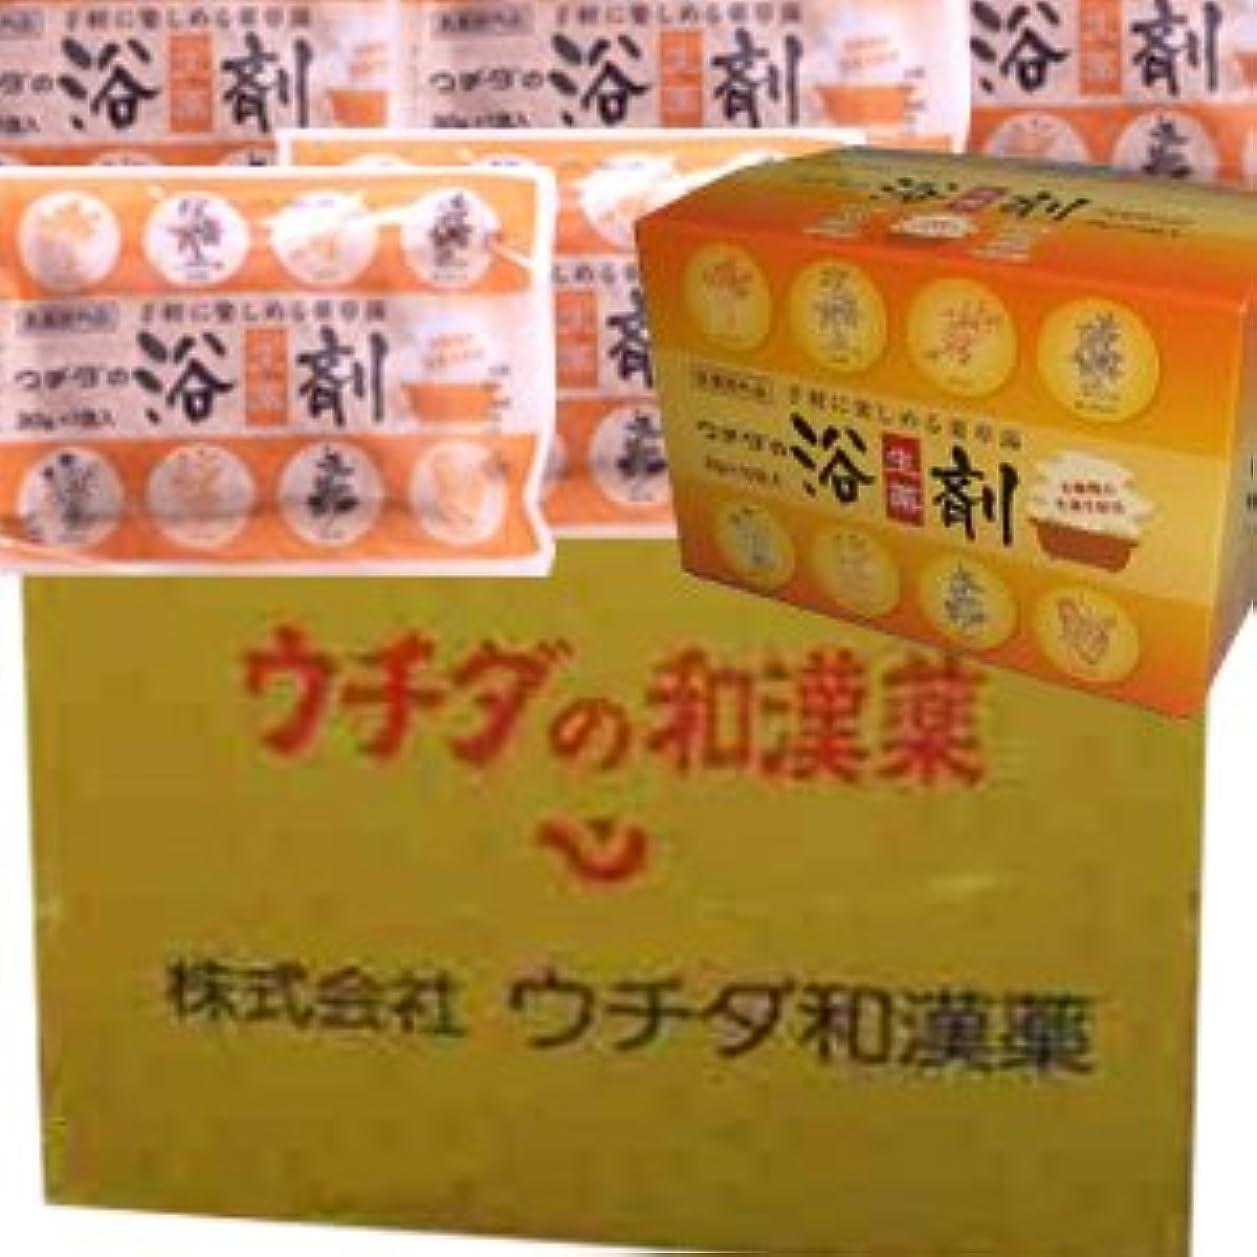 ローブディレイ不明瞭【12個1ケース】 ウチダの浴剤 30g×10袋入×12個+6袋 (4987359400025)